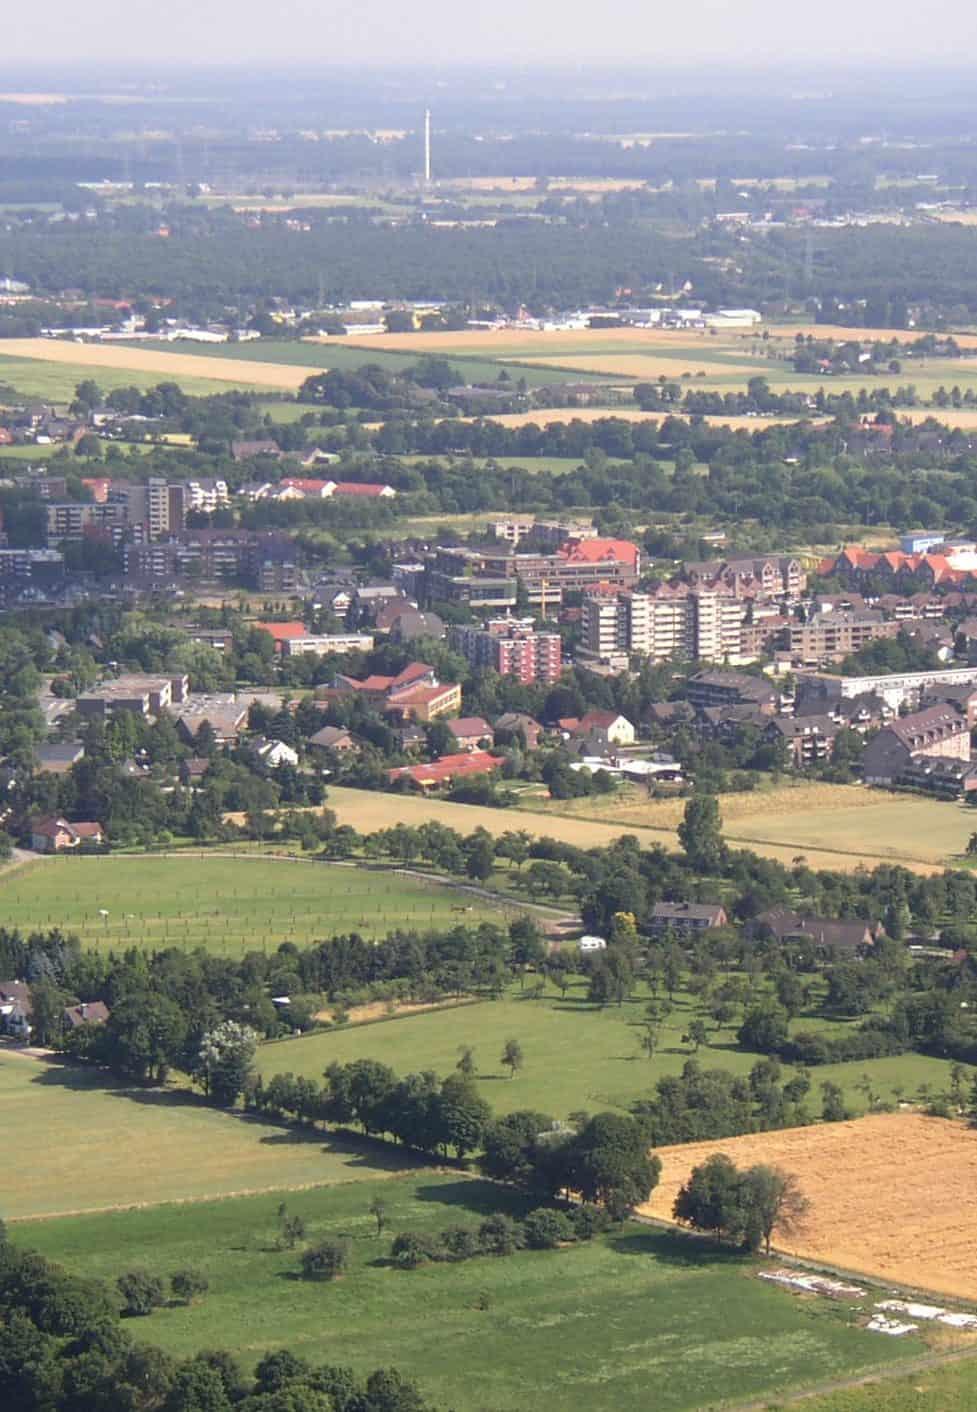 Das Bild zeigt eine Luftansicht der Stadt Voerde